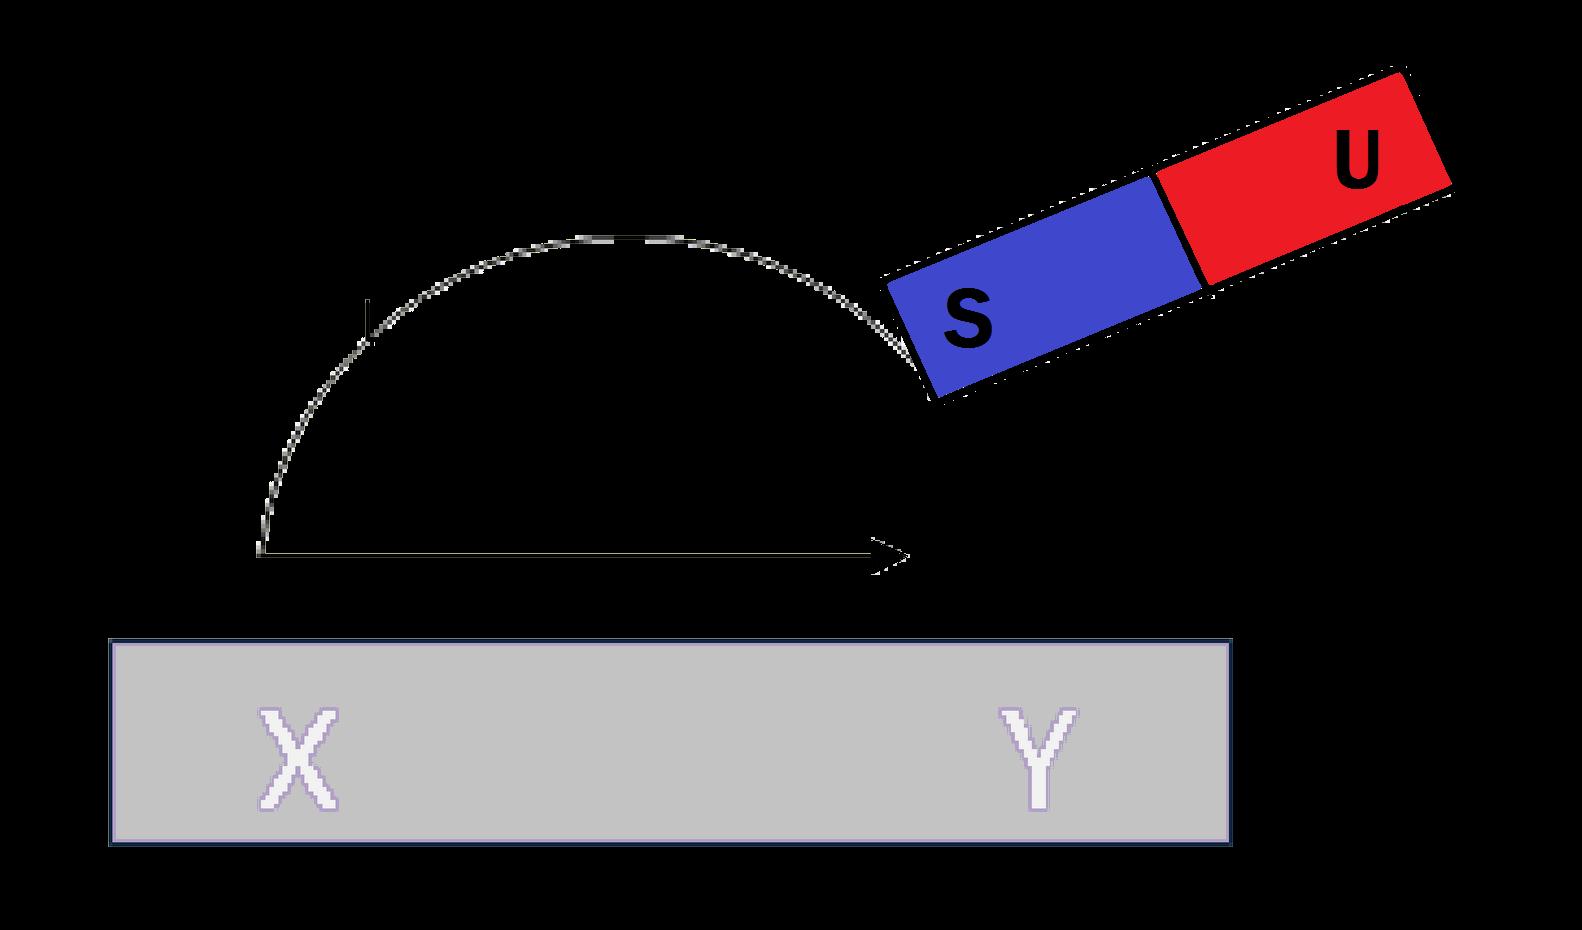 Cara Membuat Magnet Dengan Induksi Digosok Dan Elektromagnetik Lengkap Anto Tunggal